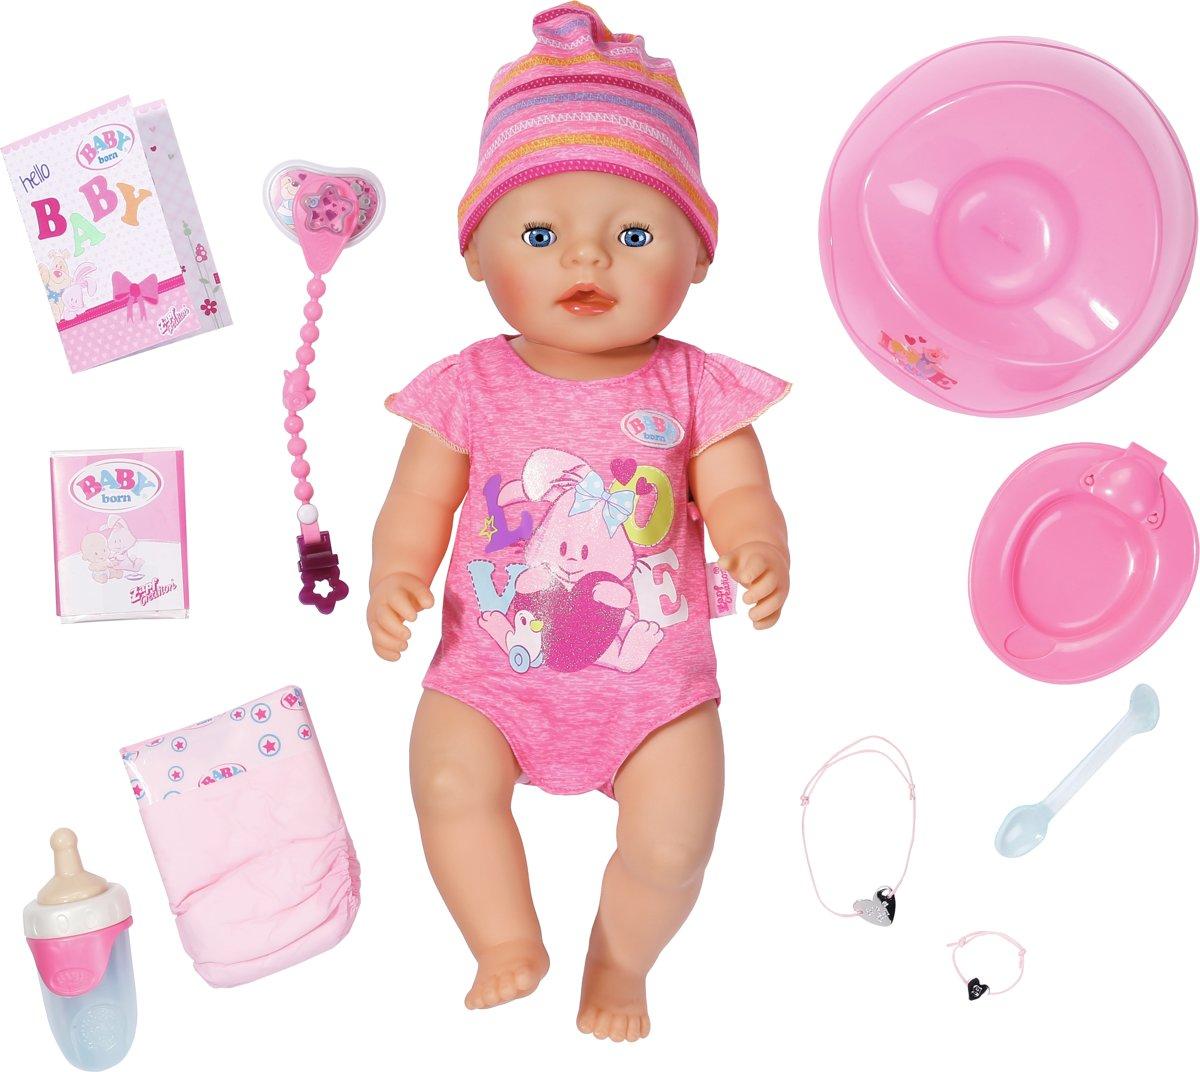 BABY born - Interactieve Pop Roze - Babypop